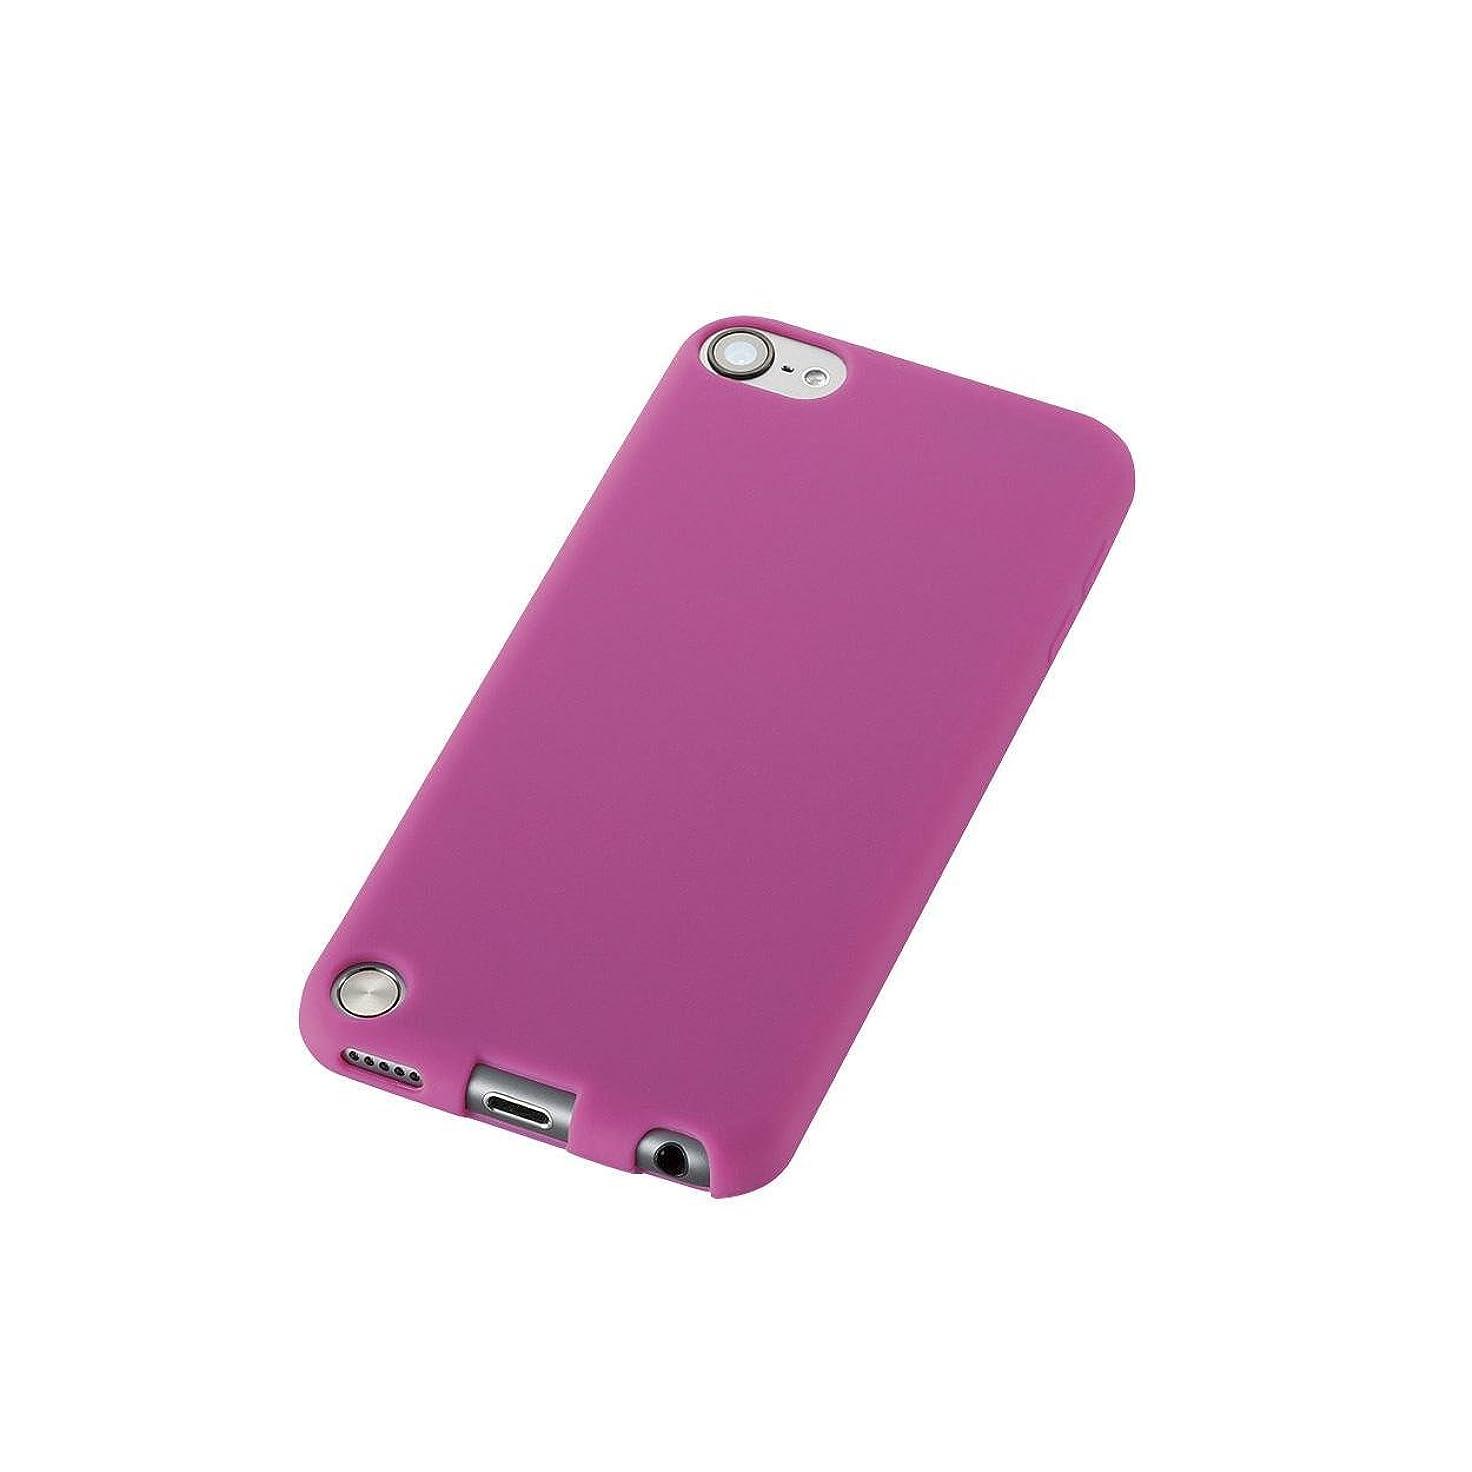 強制的窒息させるオーバーコートELECOM iPod touch 2012年/2013年発売モデル シリコンケース ピンク AVA-T13SCPN